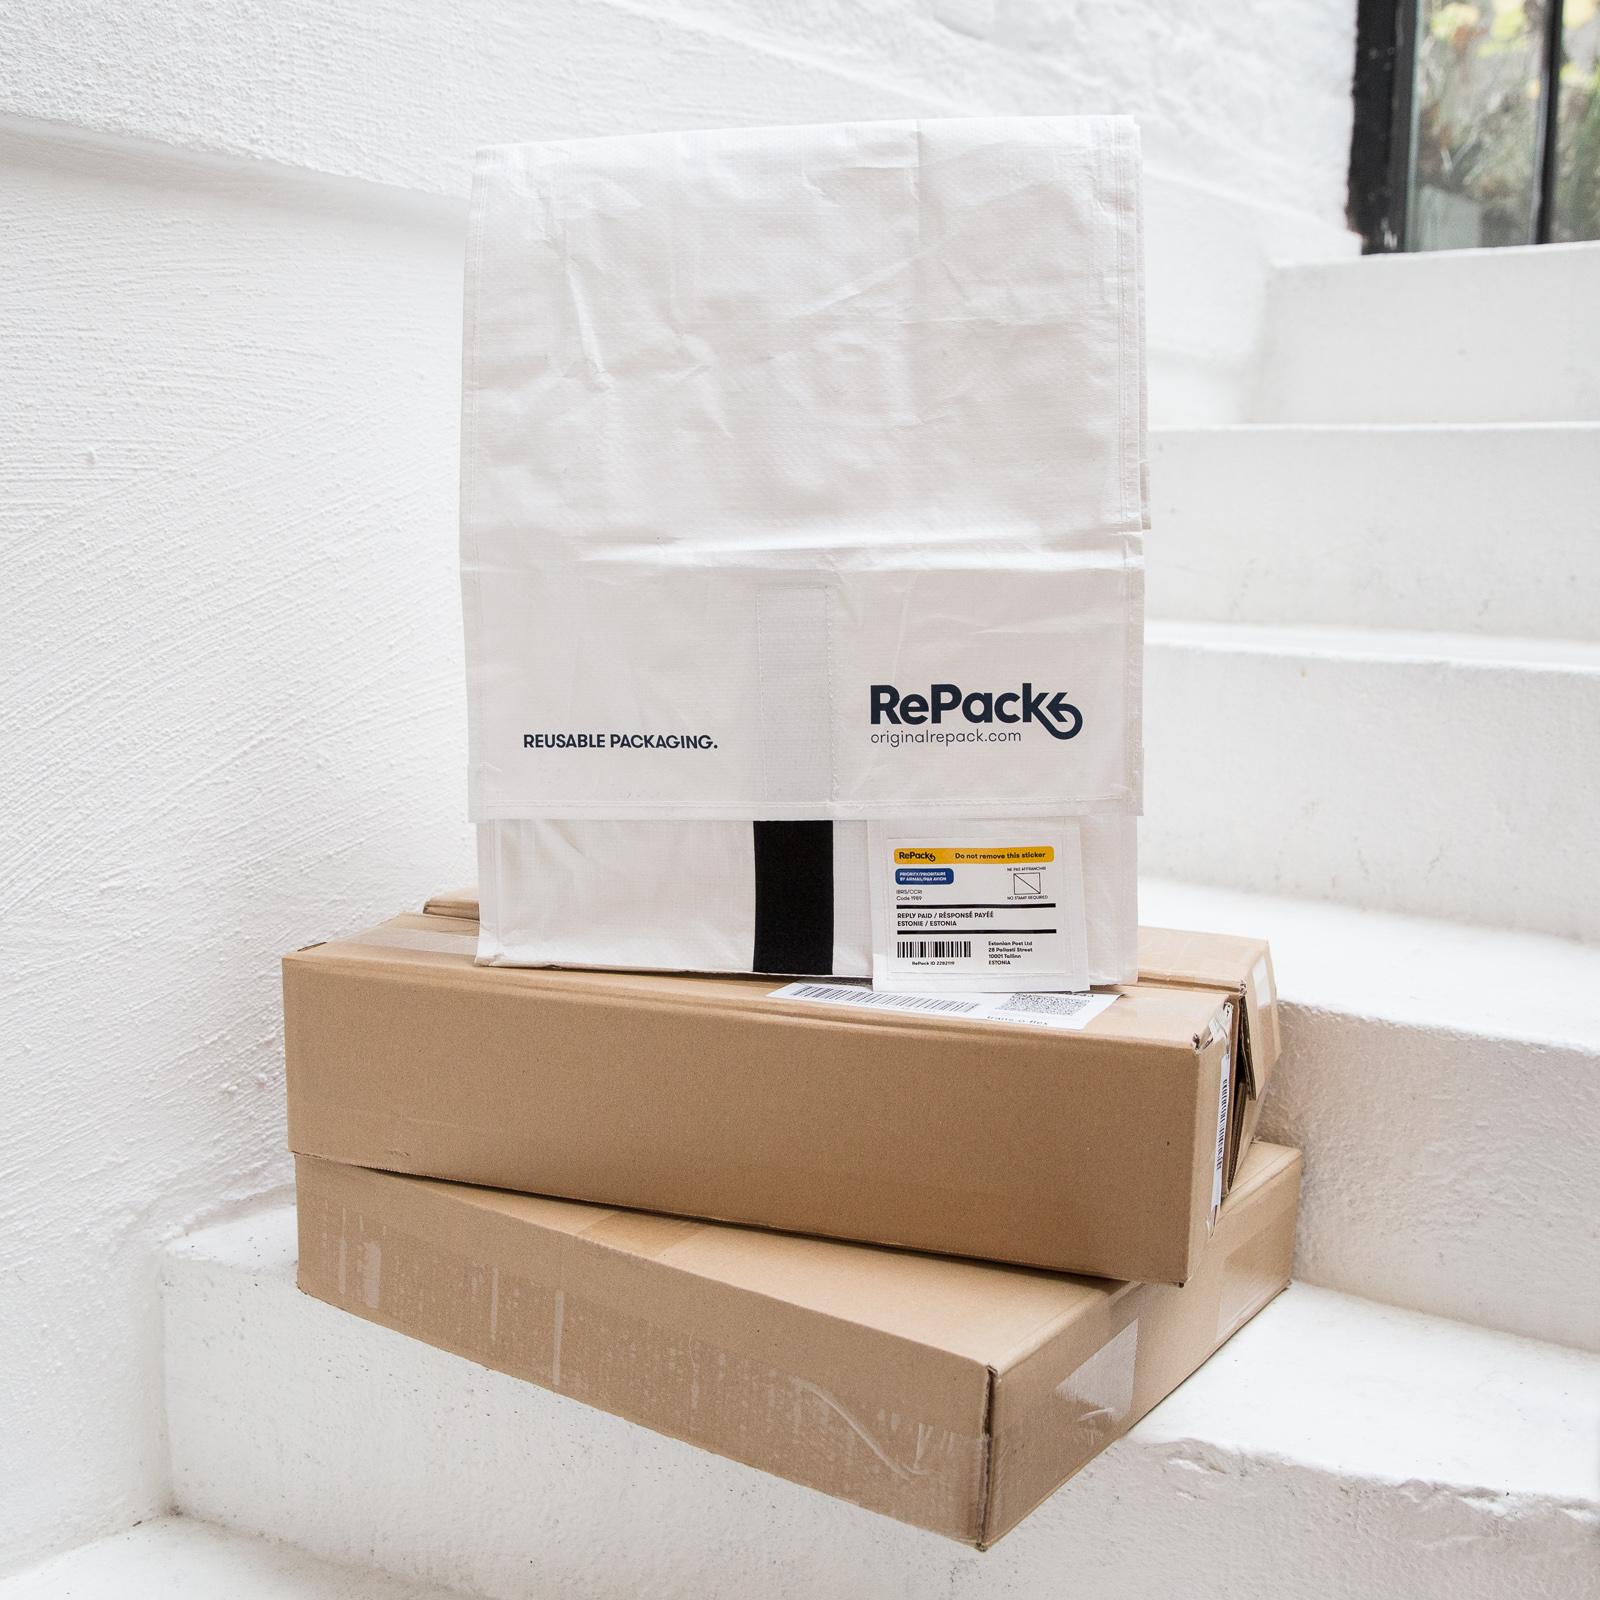 Auf einer Treppe steht eine nachhaltige Versandtasche